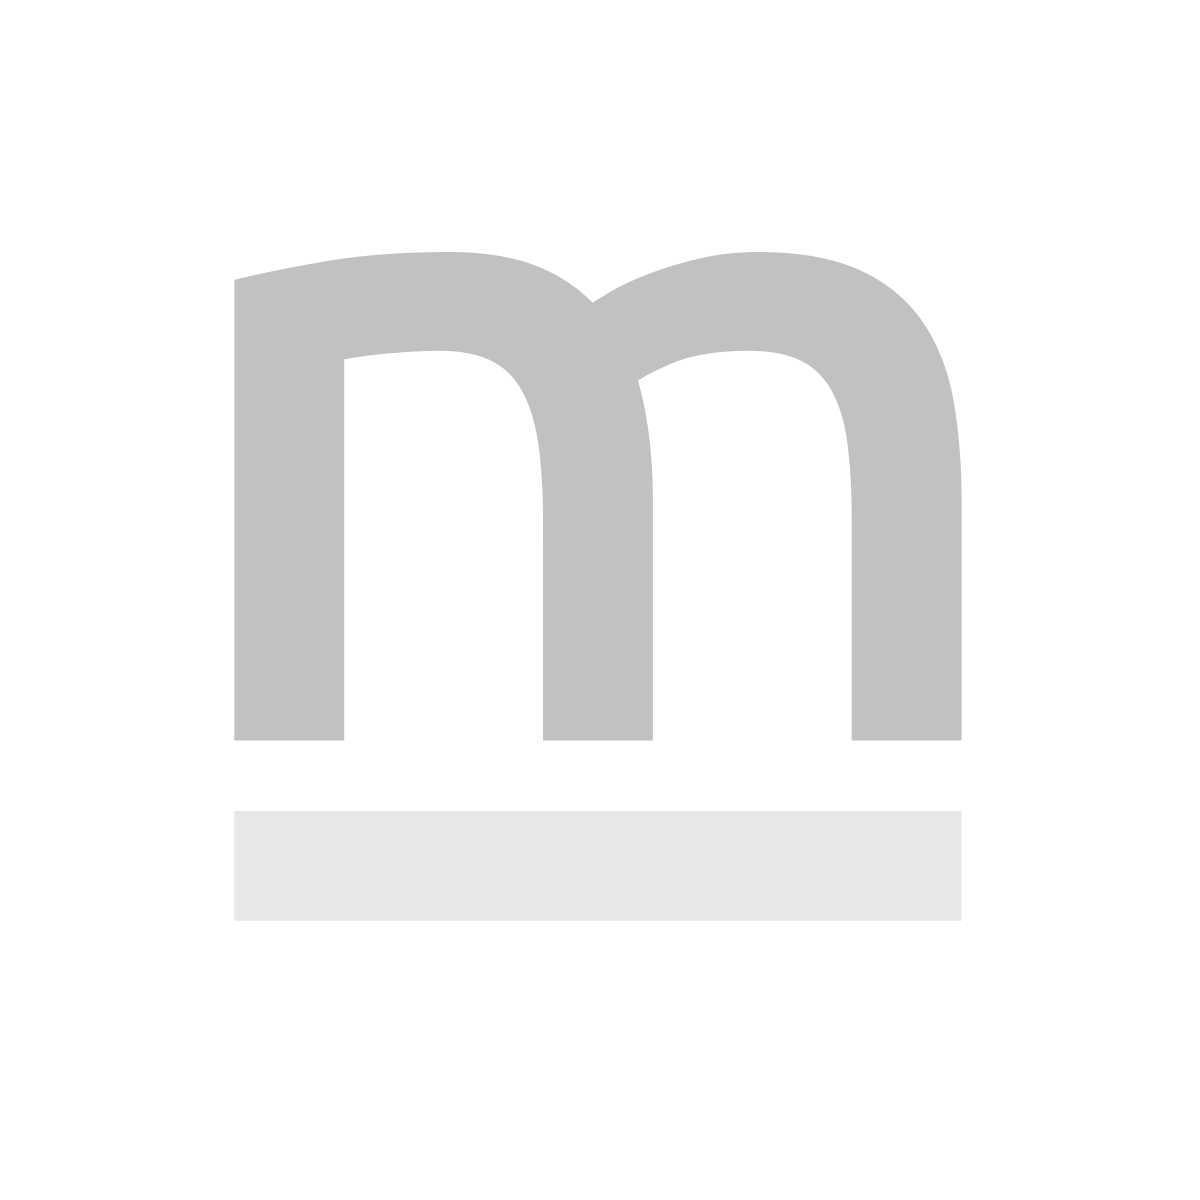 Dywan dziecięcy TRICOLOR STAR 120x160 szary/różowy